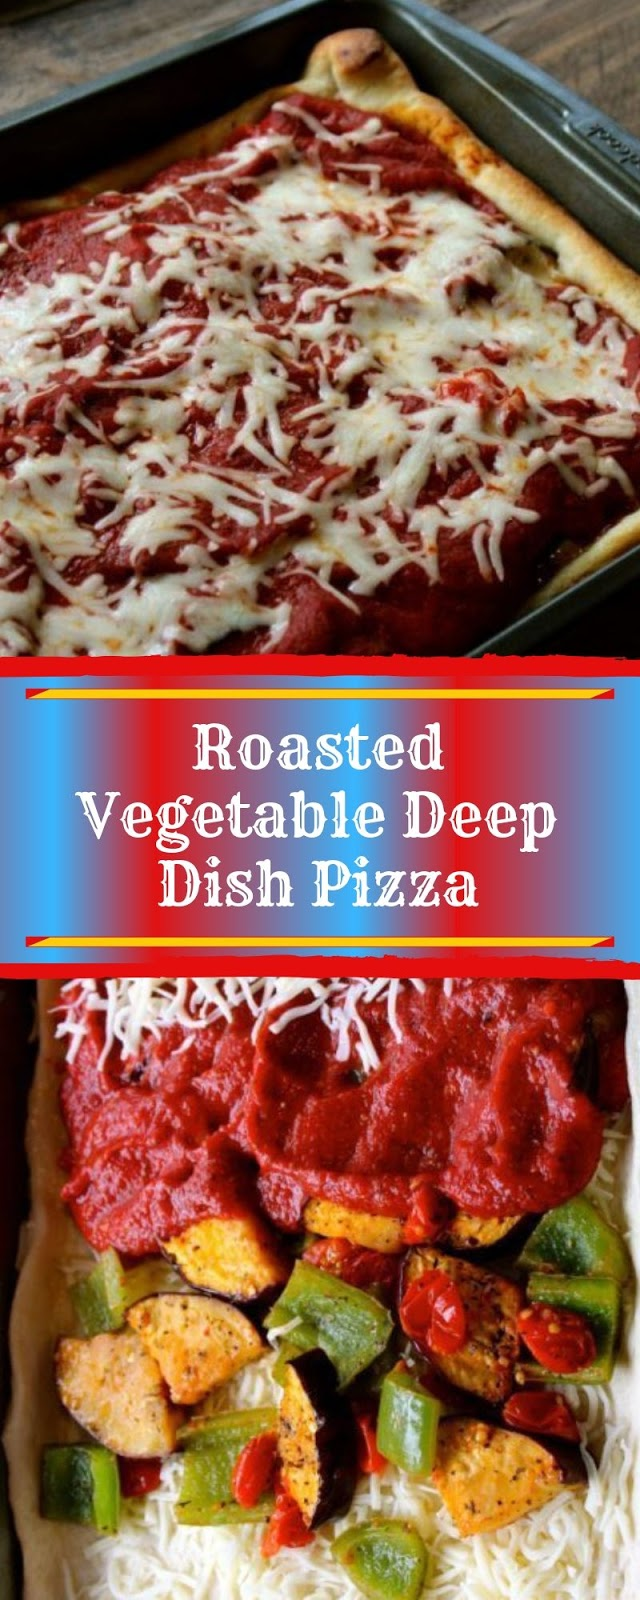 Roasted Vegetable Deep Dish Pizza